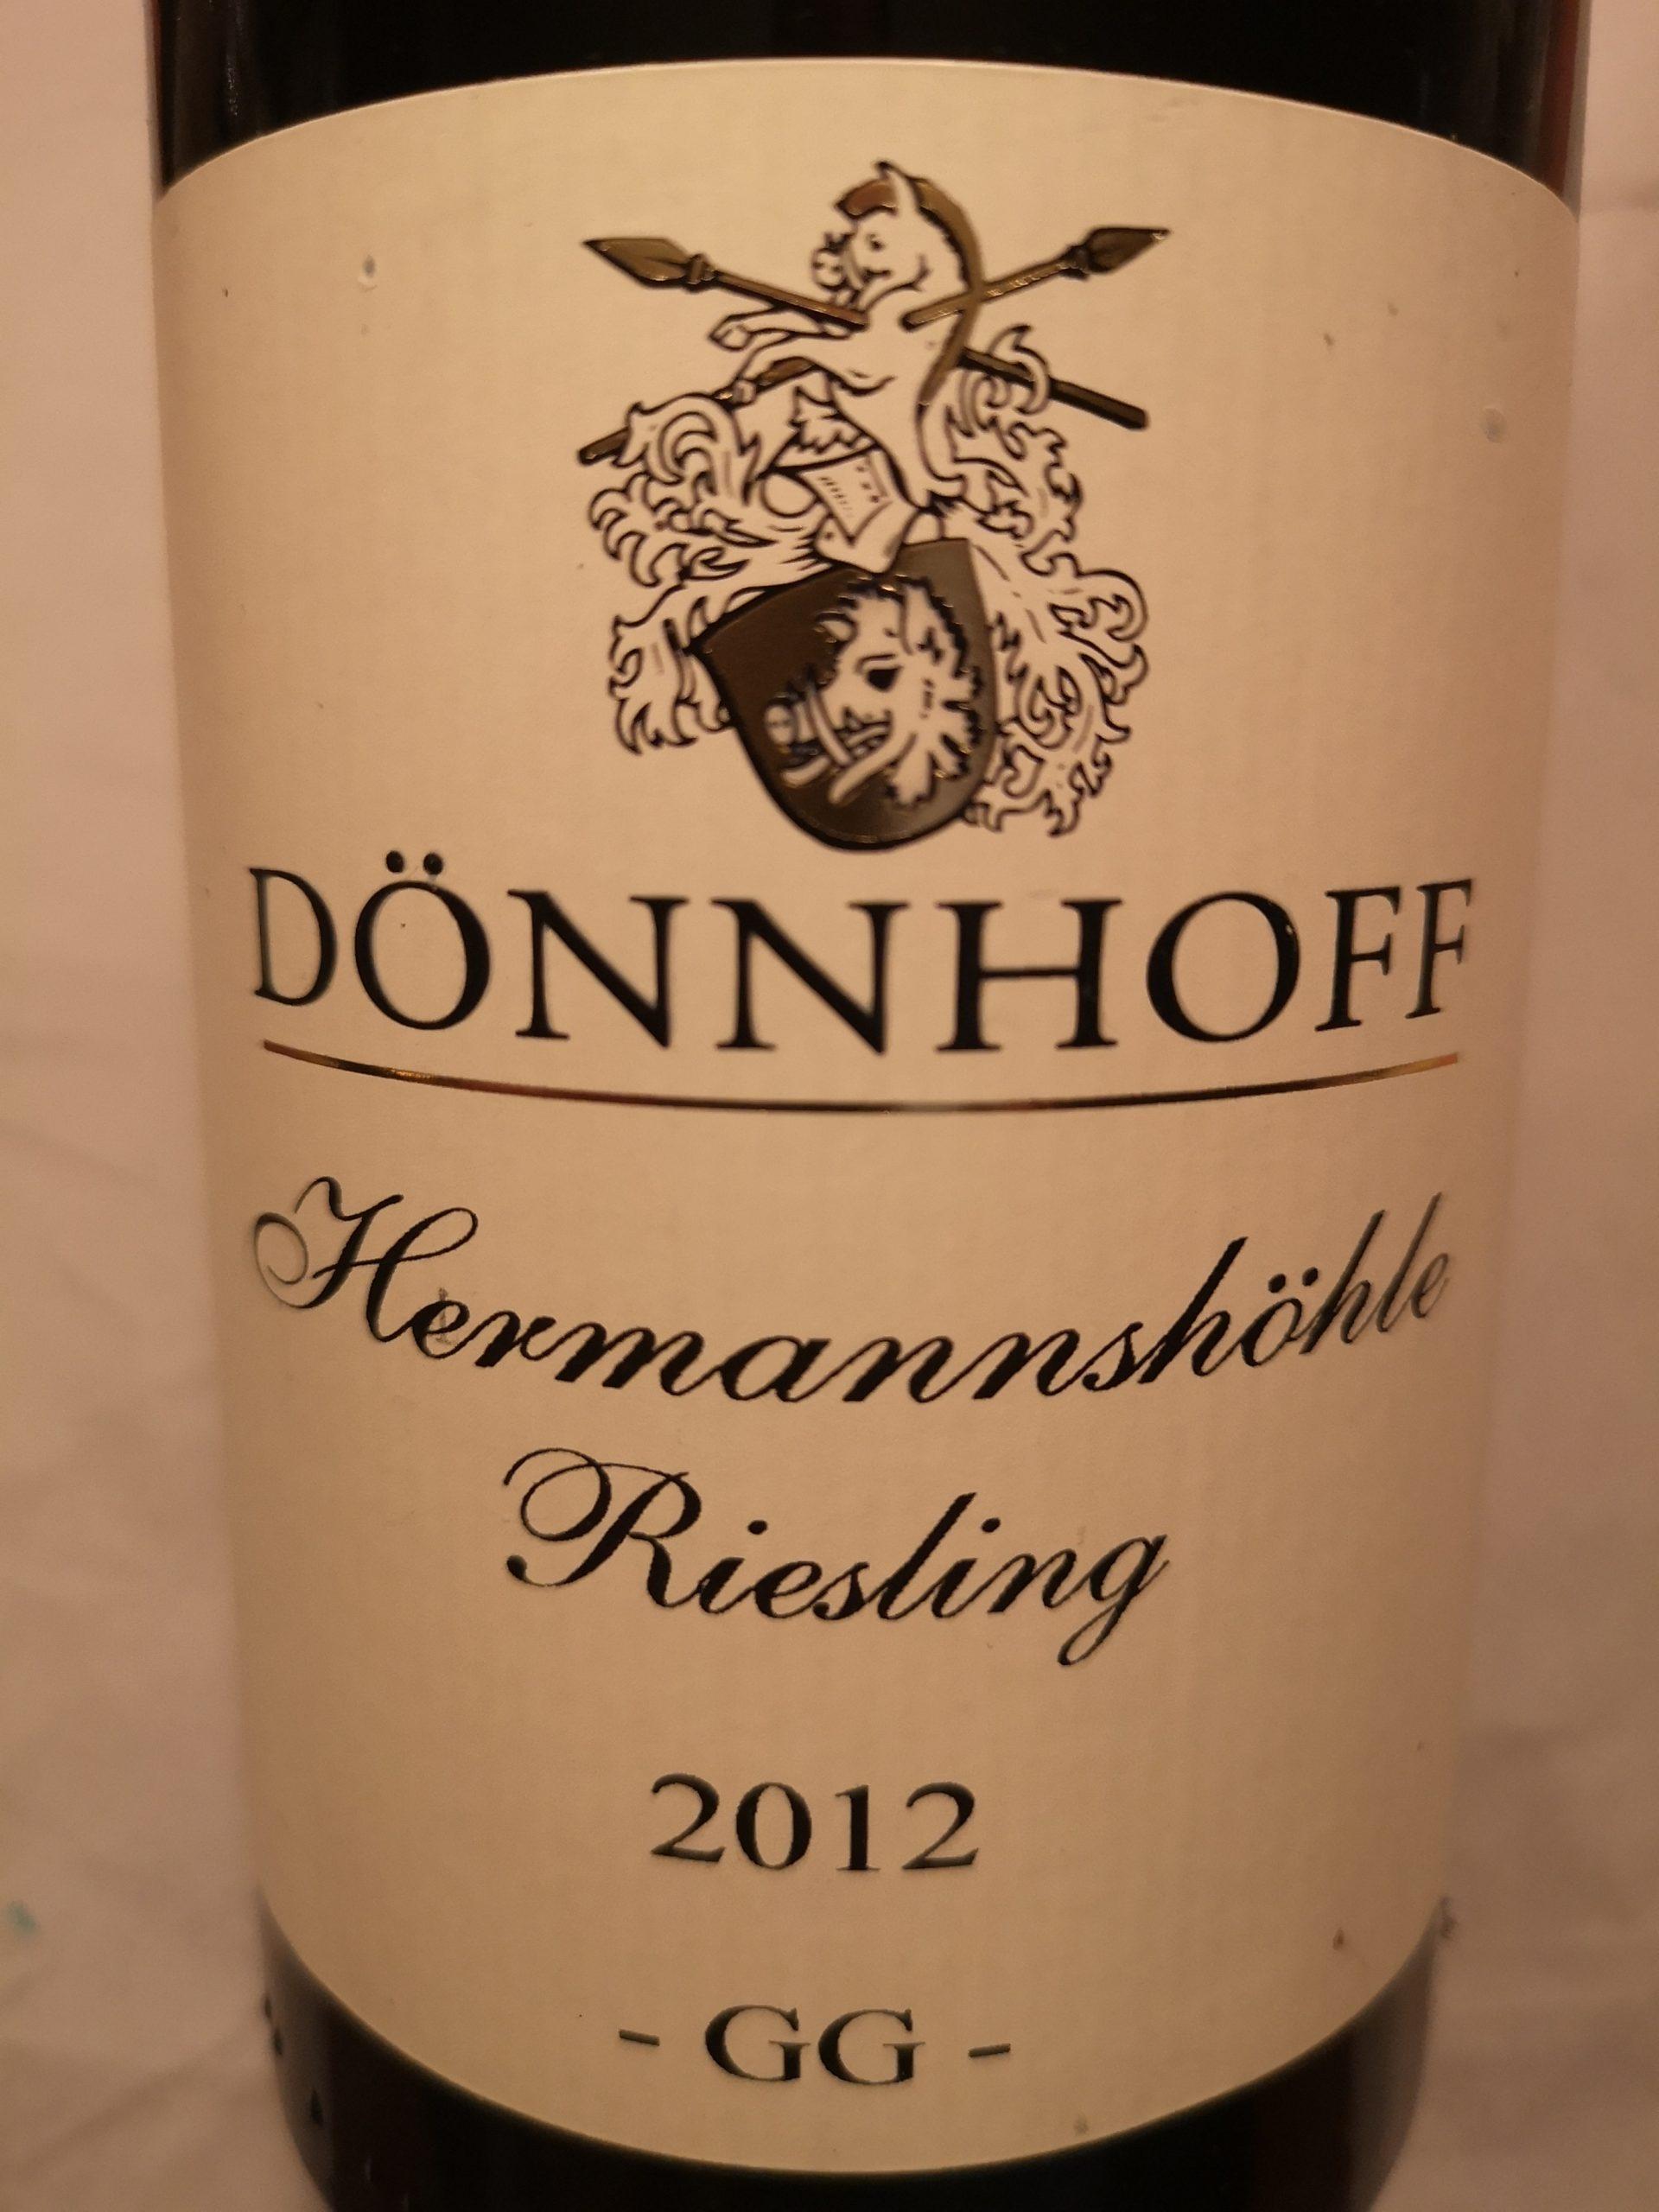 2012 Riesling Hermannshöhle GG | Dönnhoff